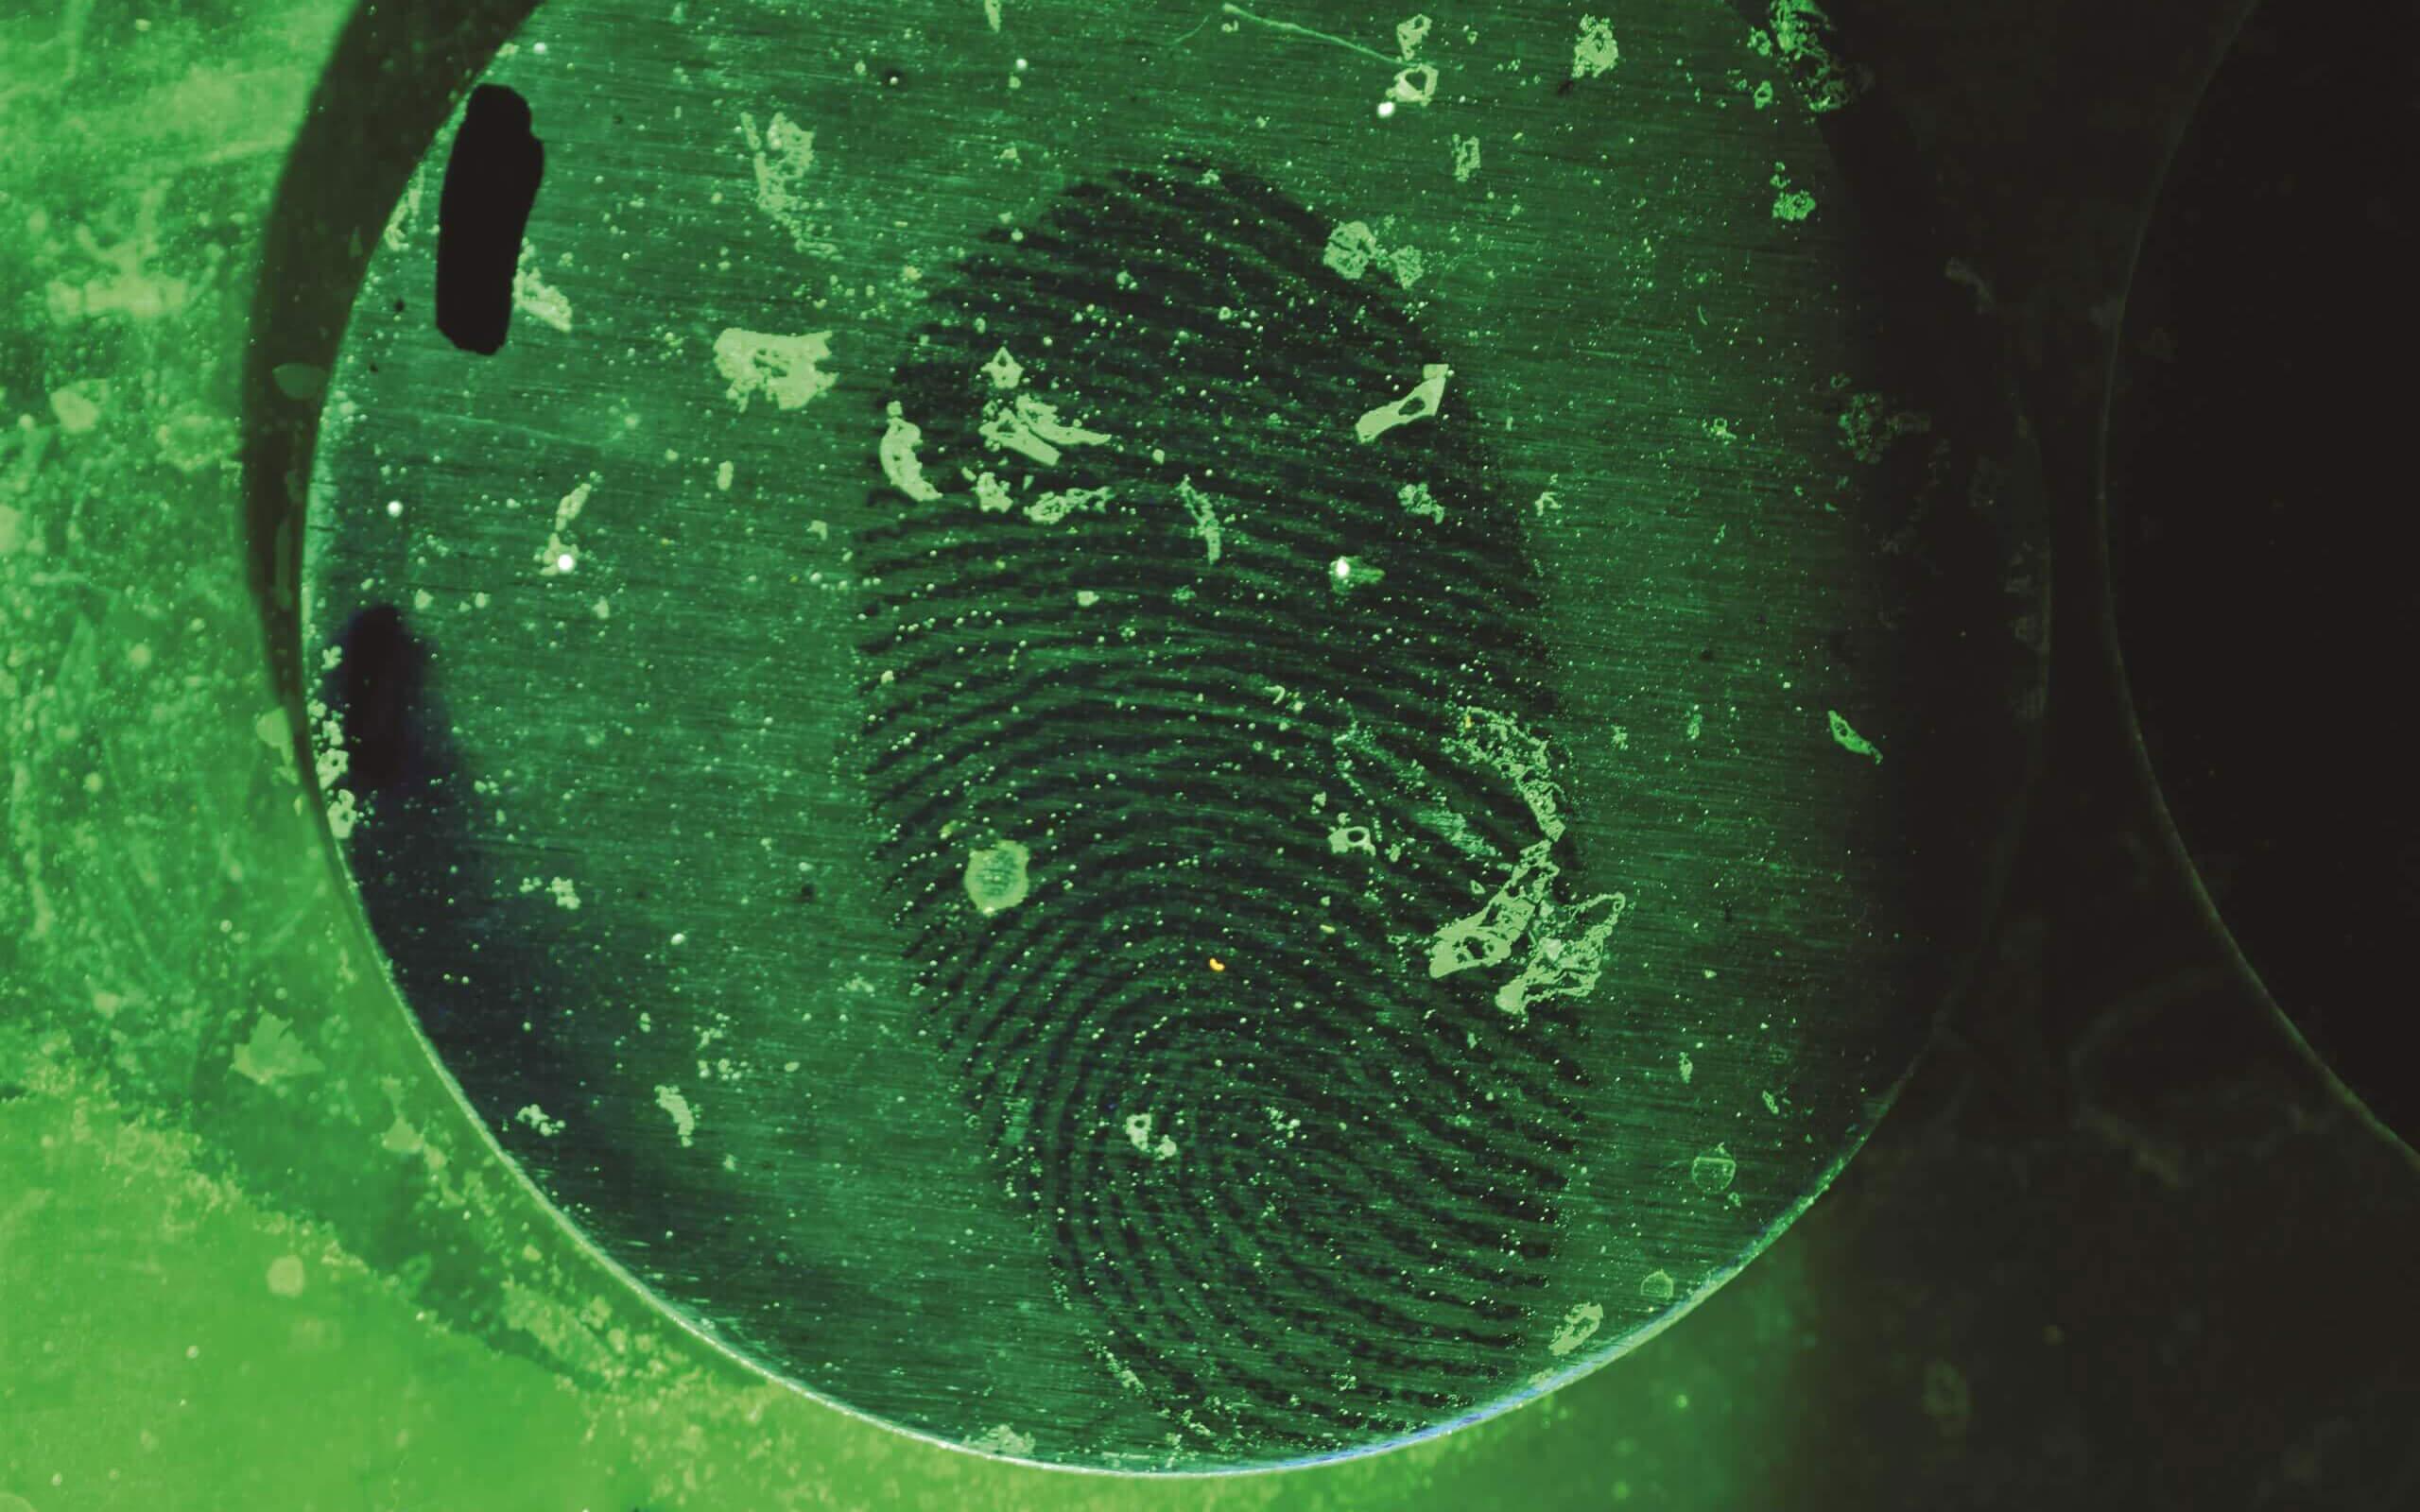 Fingerprint under magnifying glass